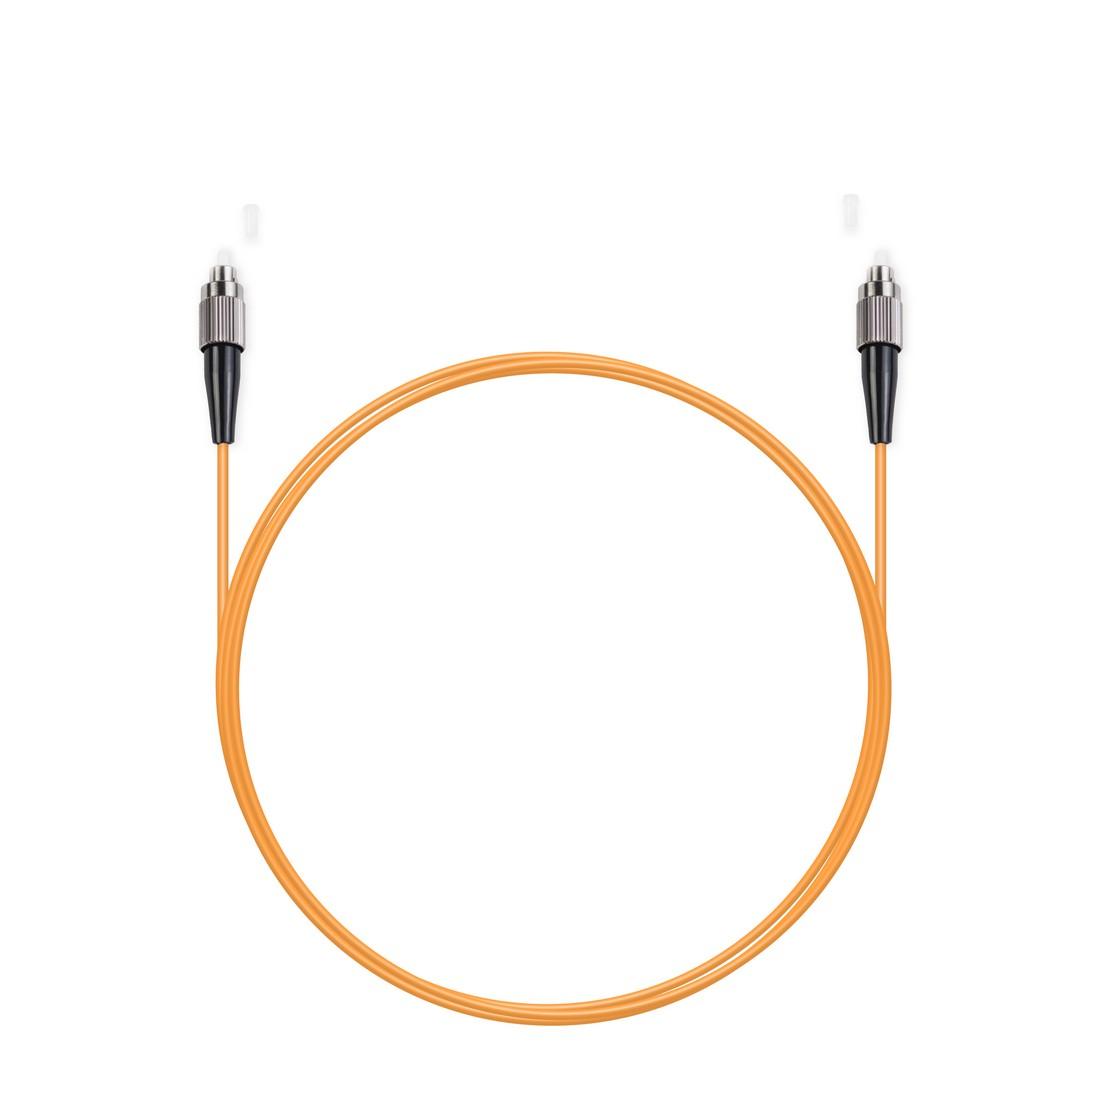 Патч Корд Оптоволоконный FC / UPC-FC / UPC MM OM1 62.5 / 125 Simplex 3.0мм 1 м